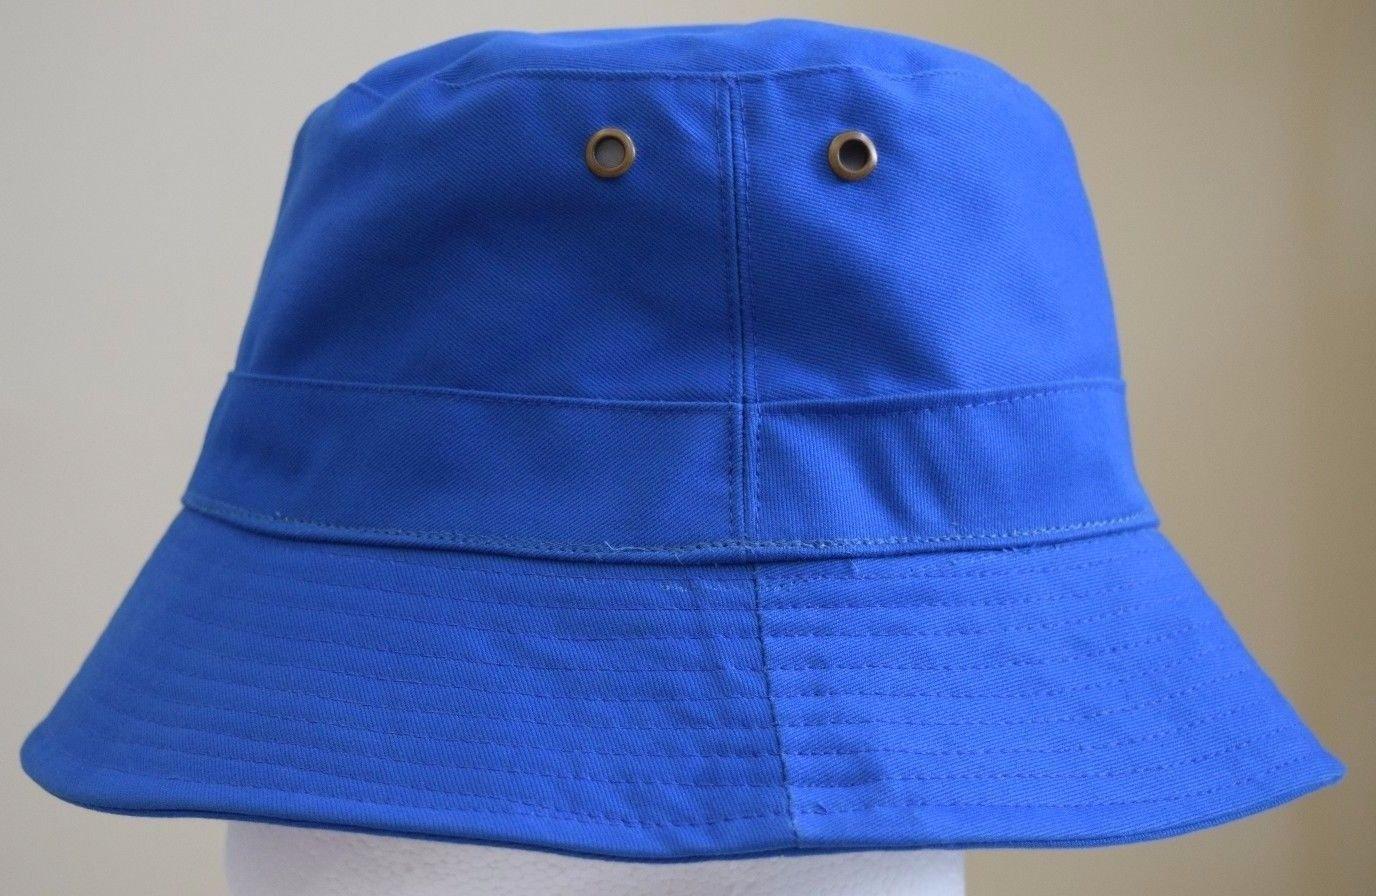 Amazon.com   Royal Blue Bucket Hat Cap Boonie Cotton Fishing Hunting Safari  Sun Men Women Brim   Baby 3738fba454c